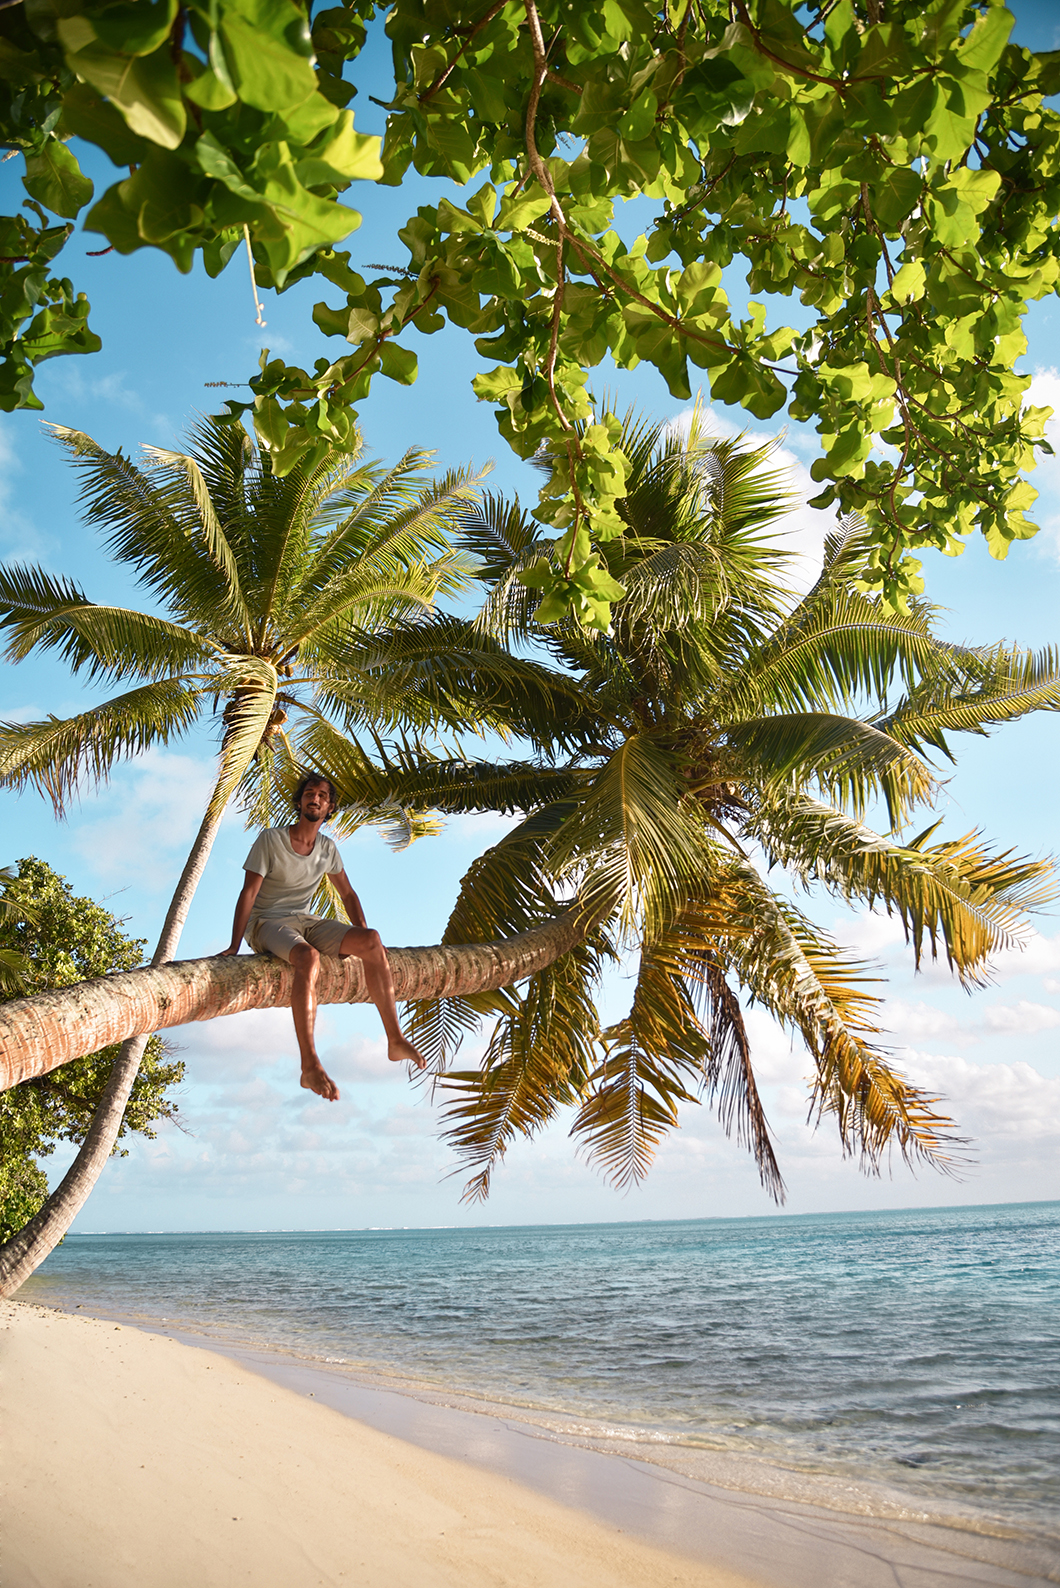 En haut des cocotiers